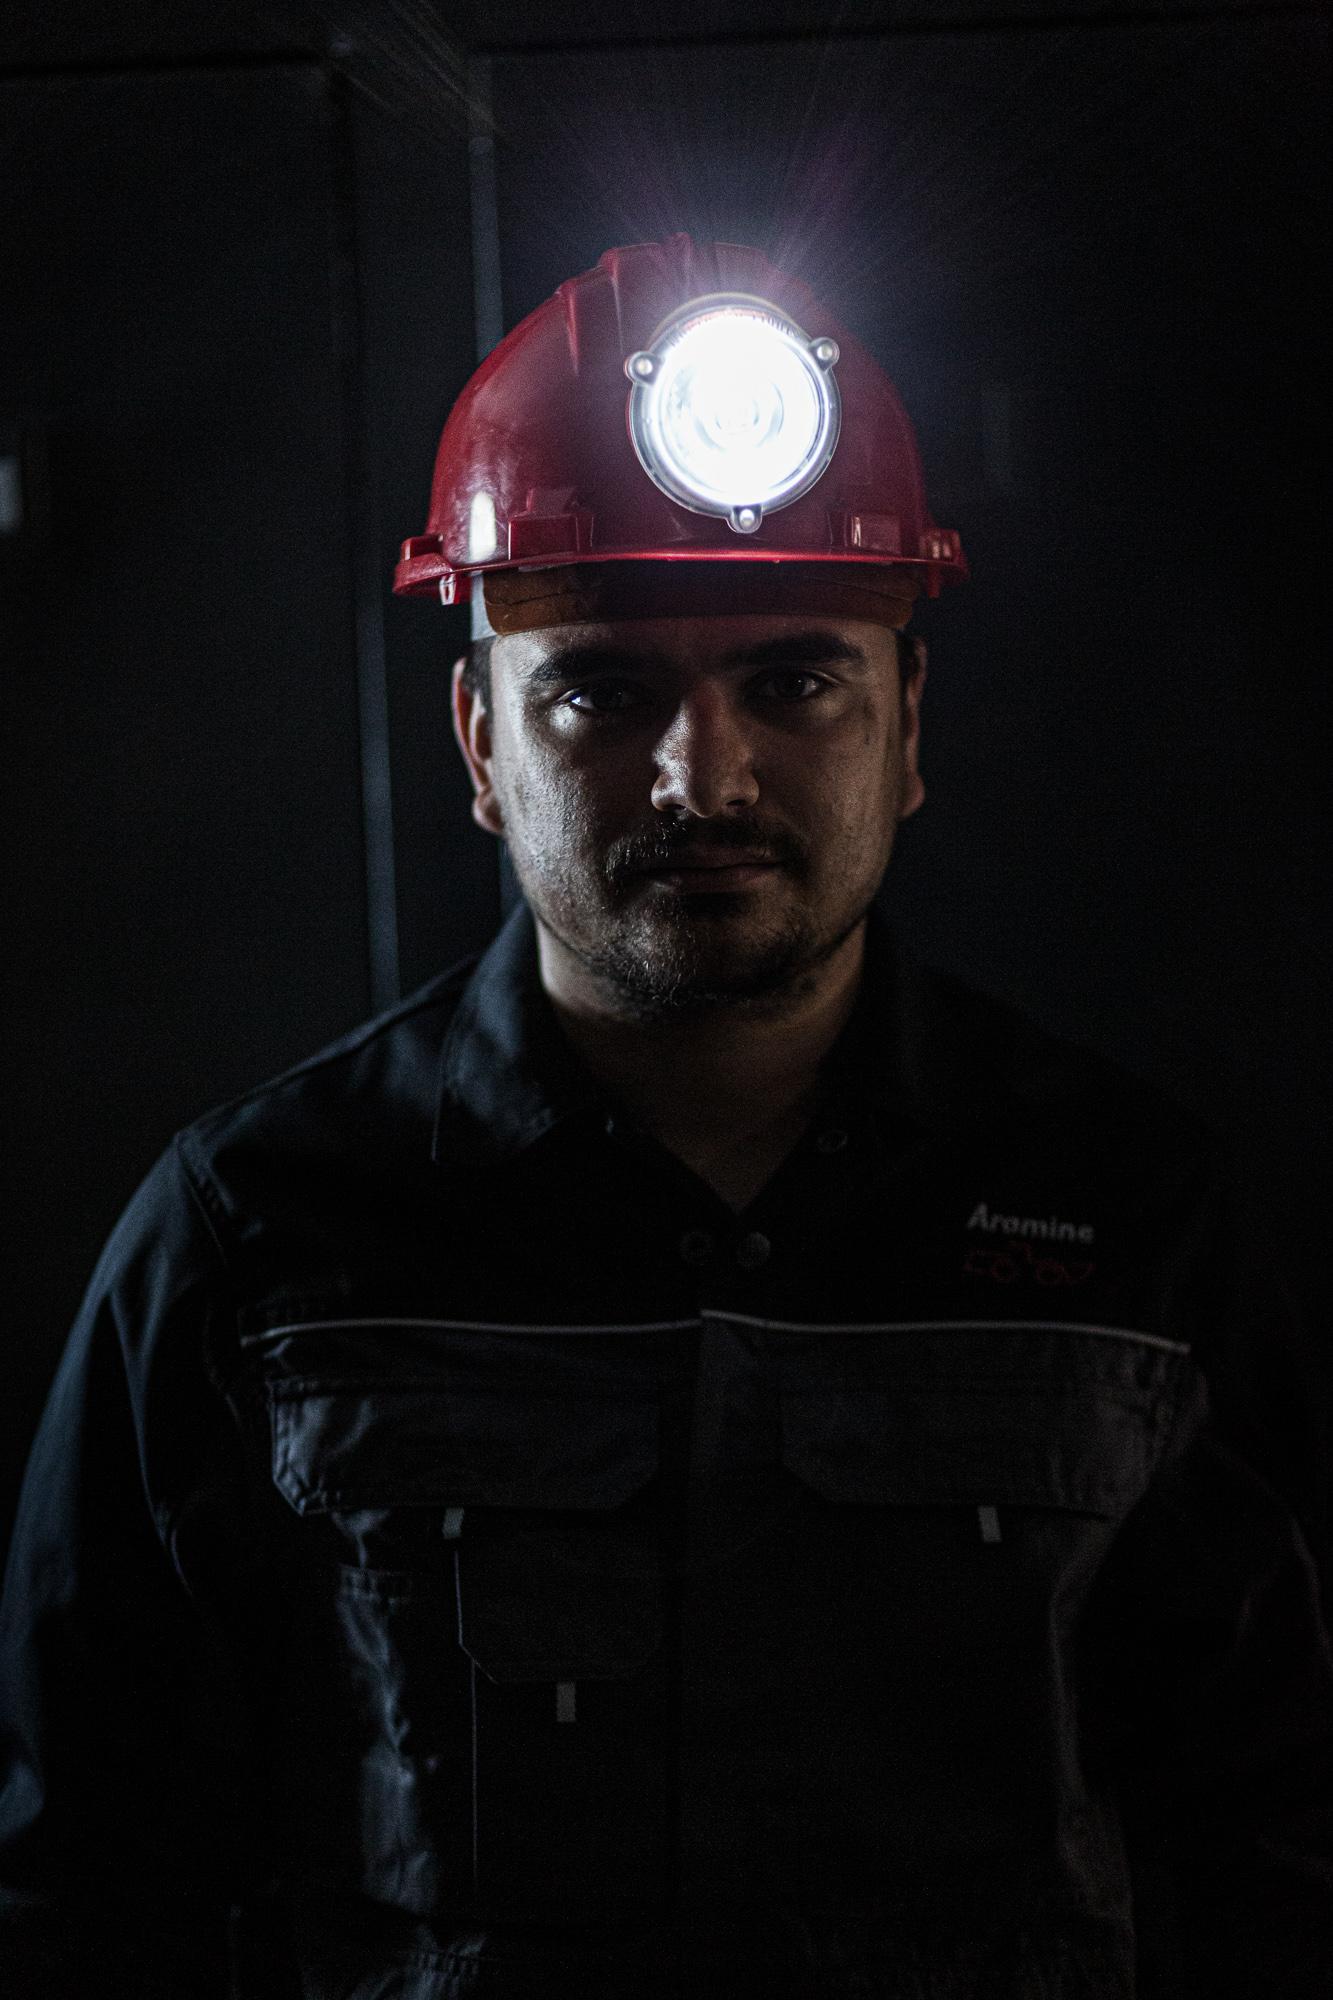 Employé d'Aramine avec son casque et sa lampe de mineur